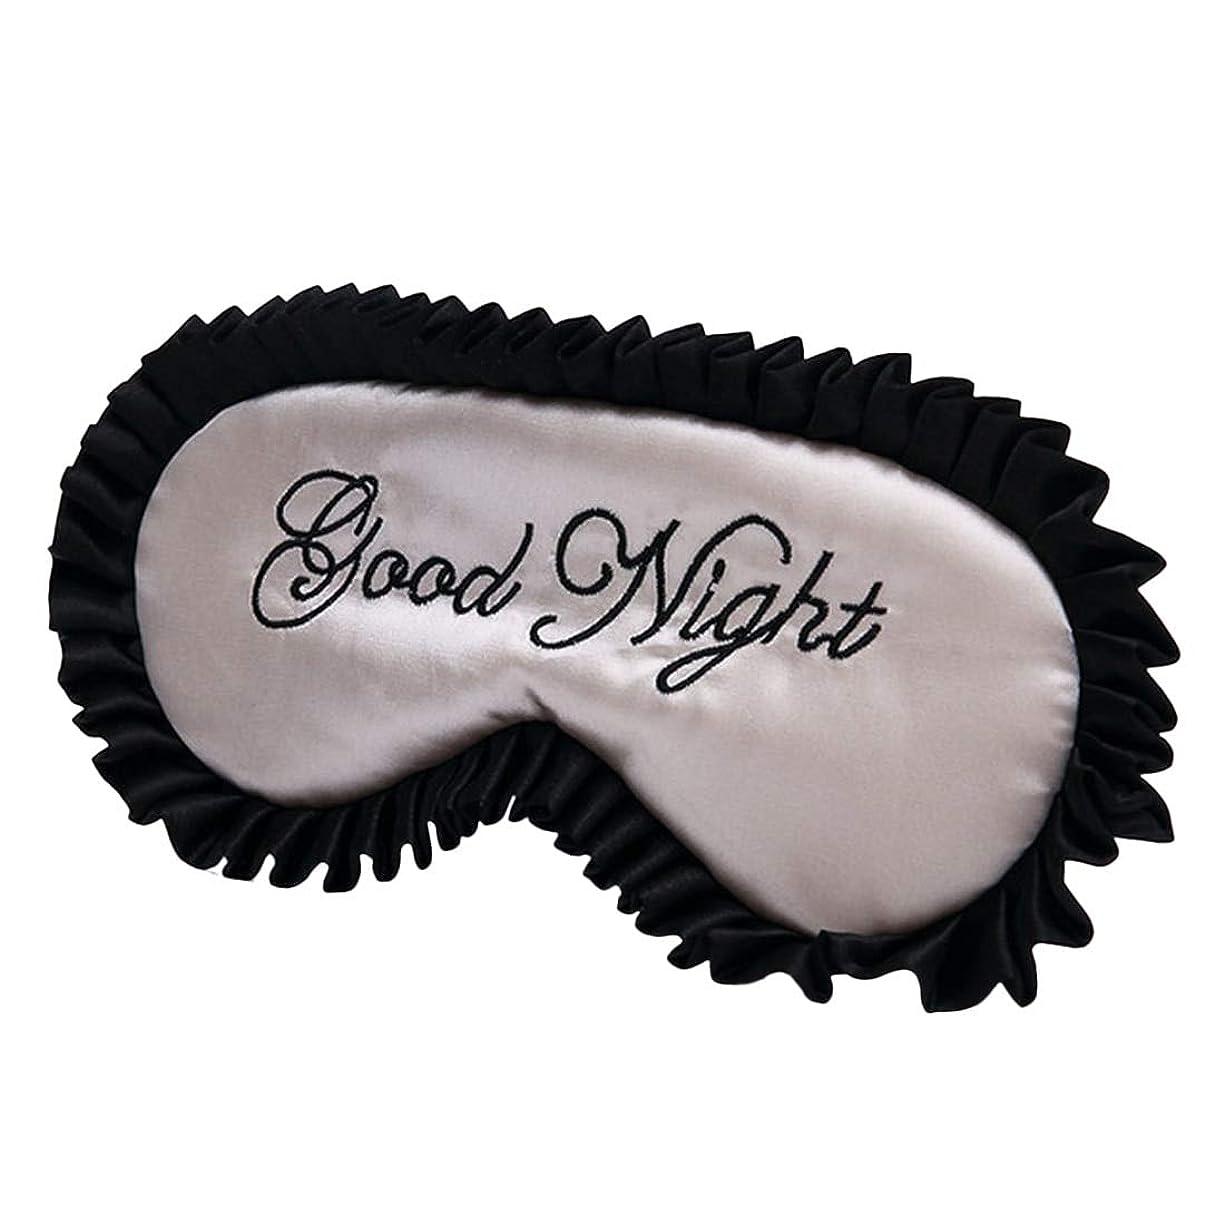 強化上げるアンカーNOTE ソフトスムージーレース刺繍入り睡眠美容シェードゴーグル快適な模造シルクサテンワード睡眠マスクアイカバー